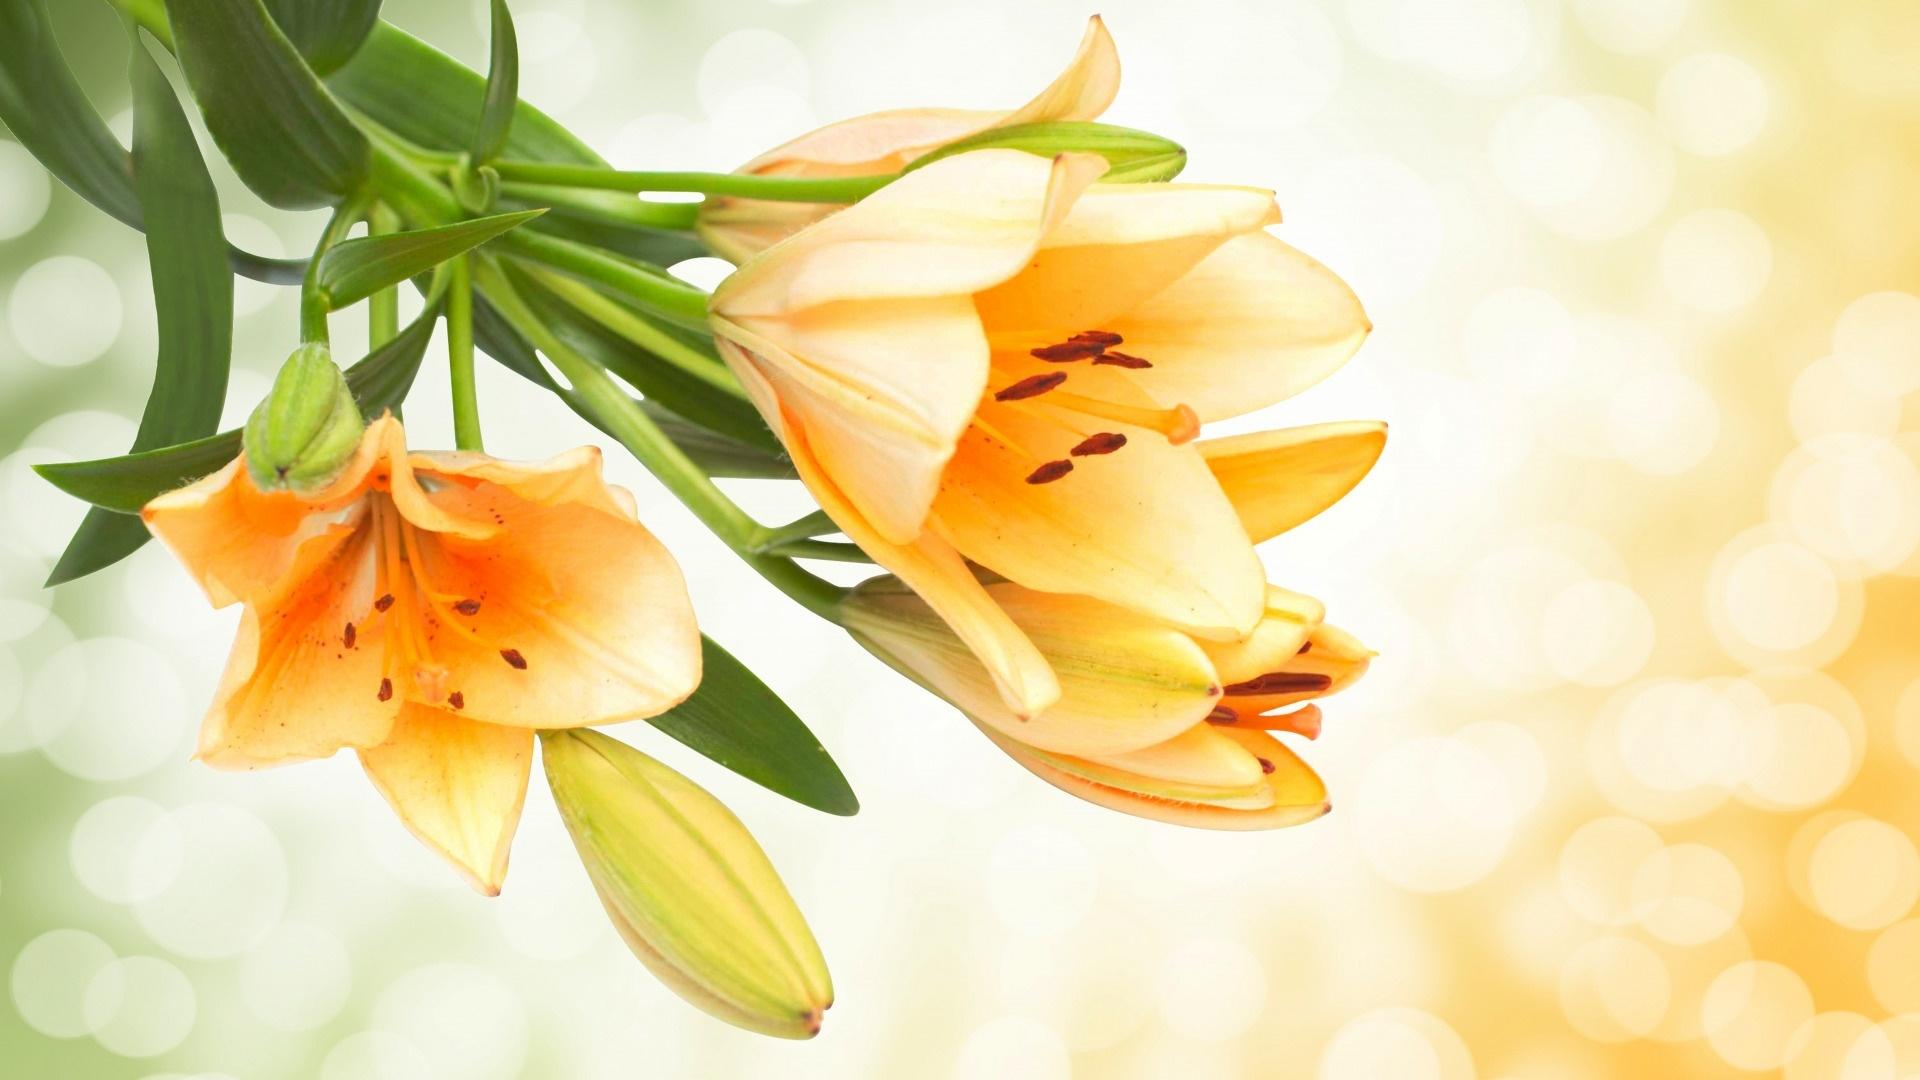 Lily Flower wallpaper for desktop